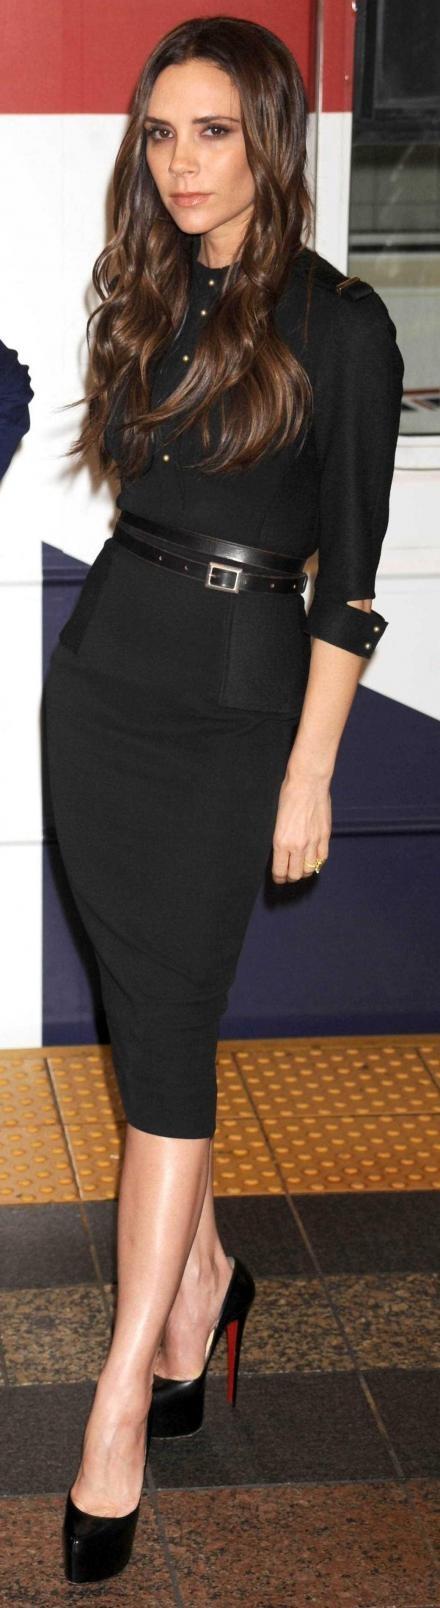 Victoria Beckham à presque 40 ans, avec sa jupe crayon et ses talons très hauts